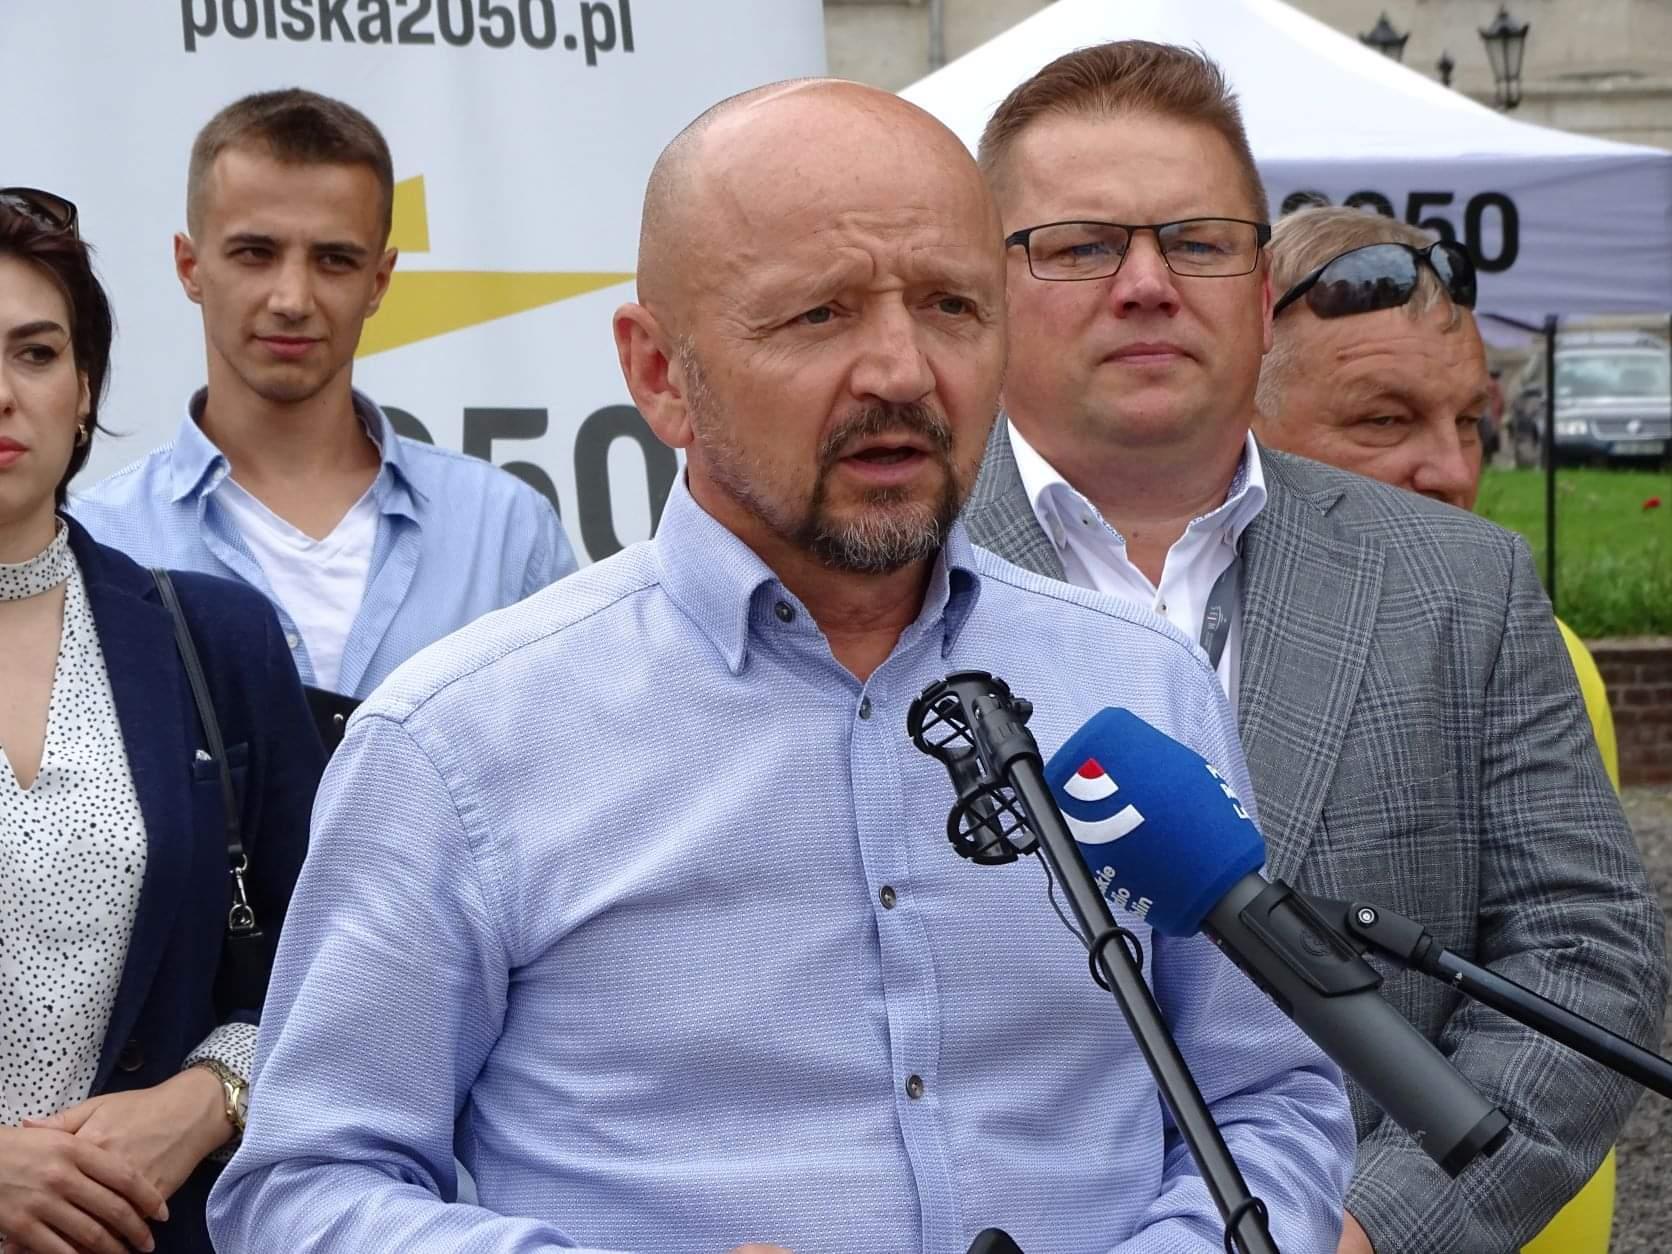 received 300830058469201 Liderzy i działacze Polski 2050 spotkali się w Zamościu. Rozmawiali m.in. o zamknięciu oddziału pediatrycznego w naszym mieście